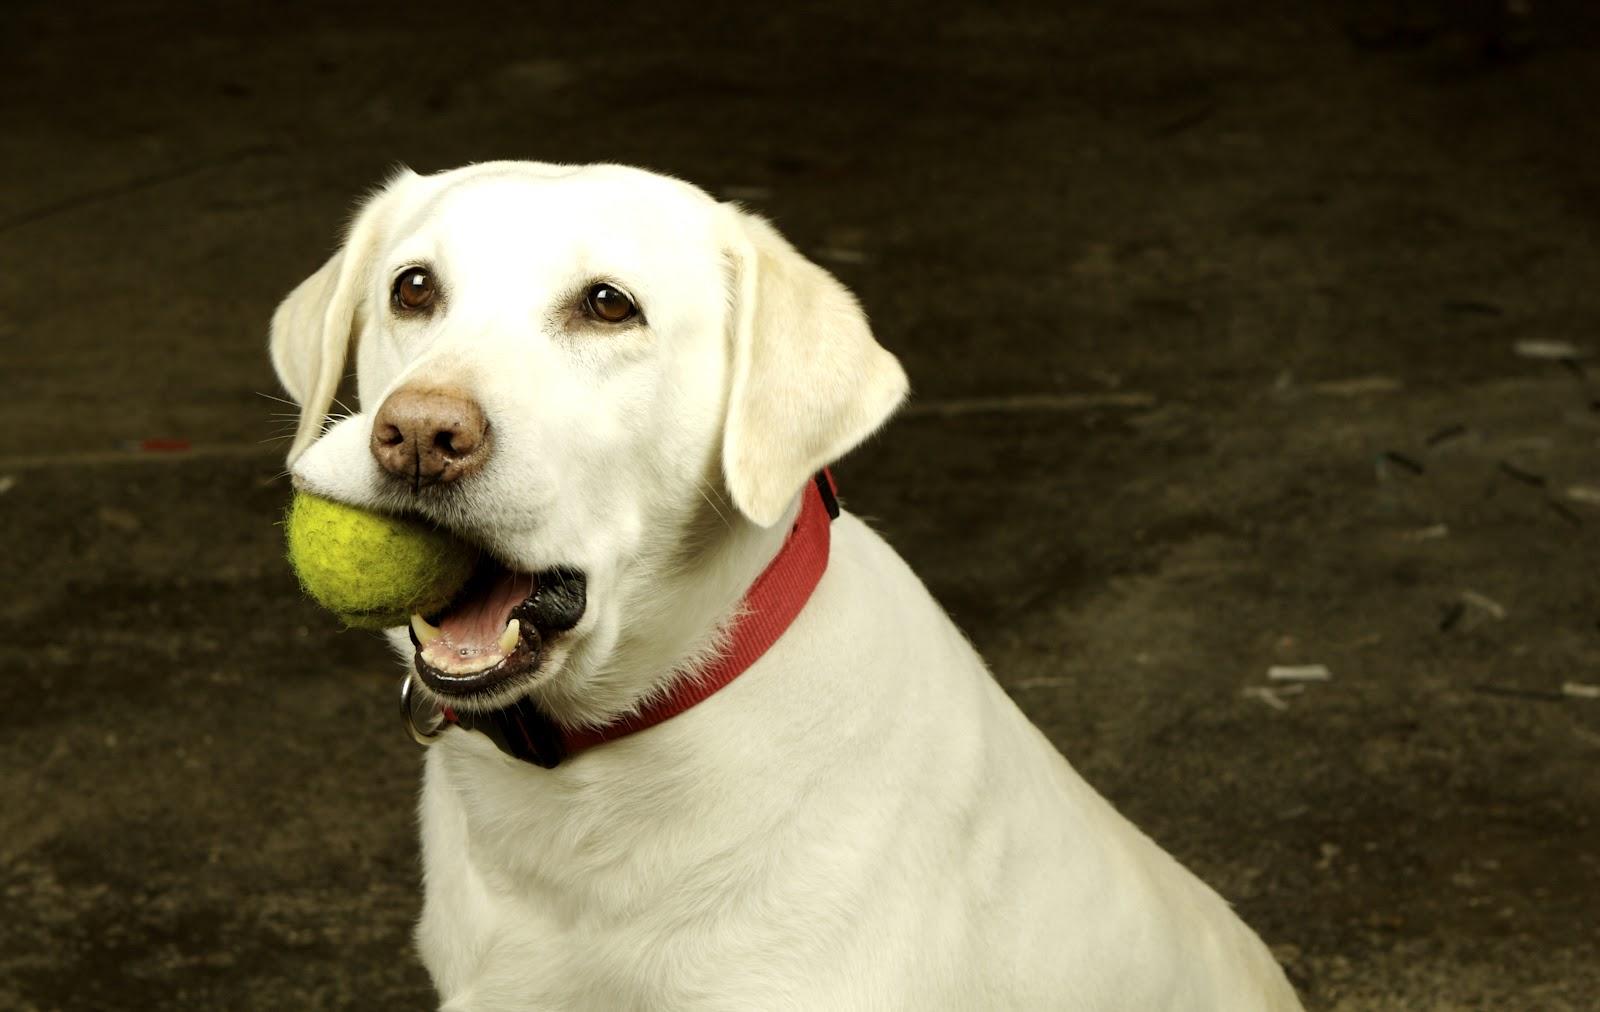 Phương pháp huấn luyện chó nhặt đồ cực kỳ đơn giản, dễ thực hiện